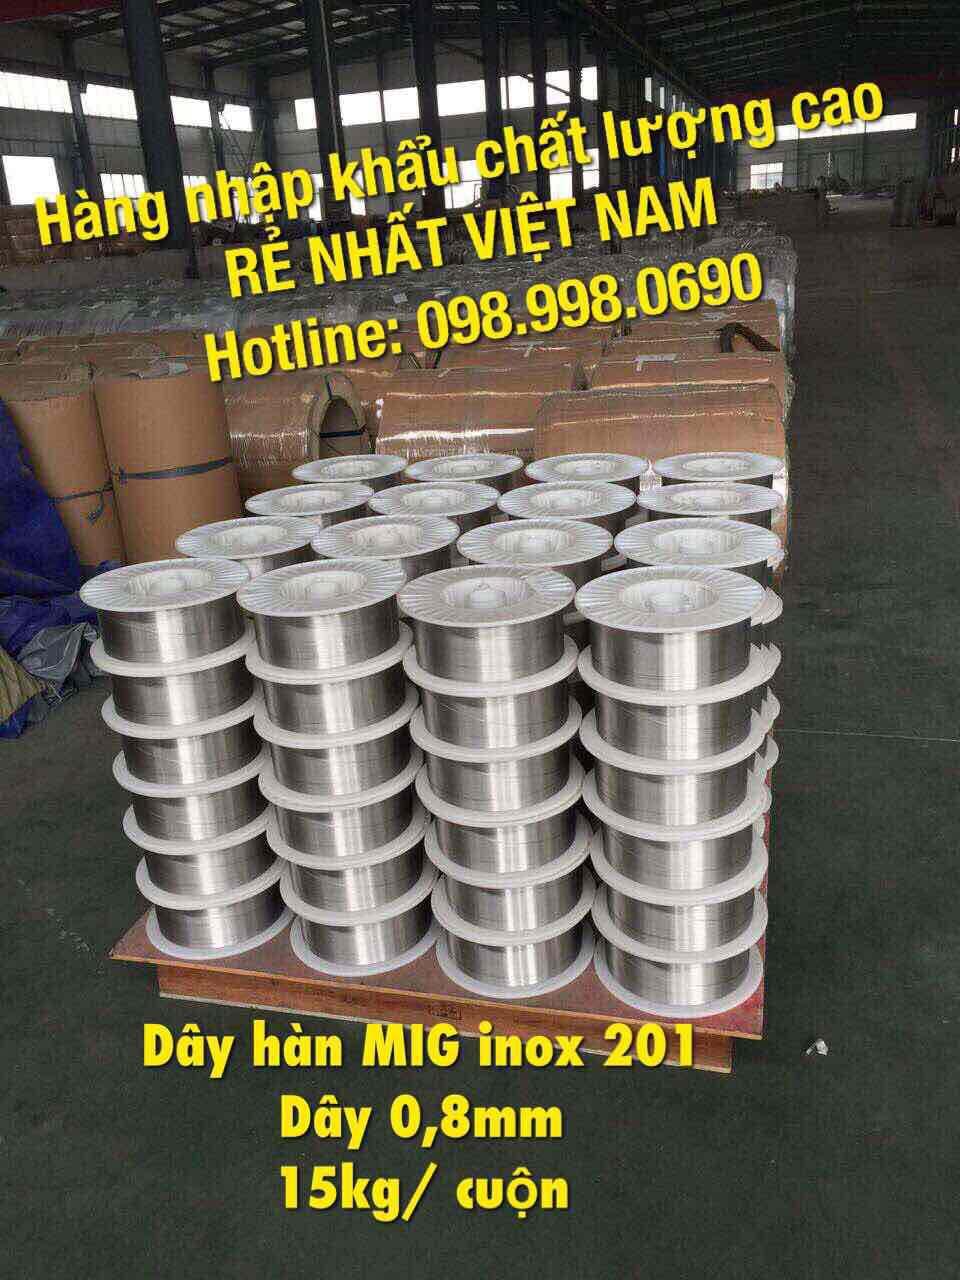 Dây hàn MIG INOX 201, dày 0,8mm